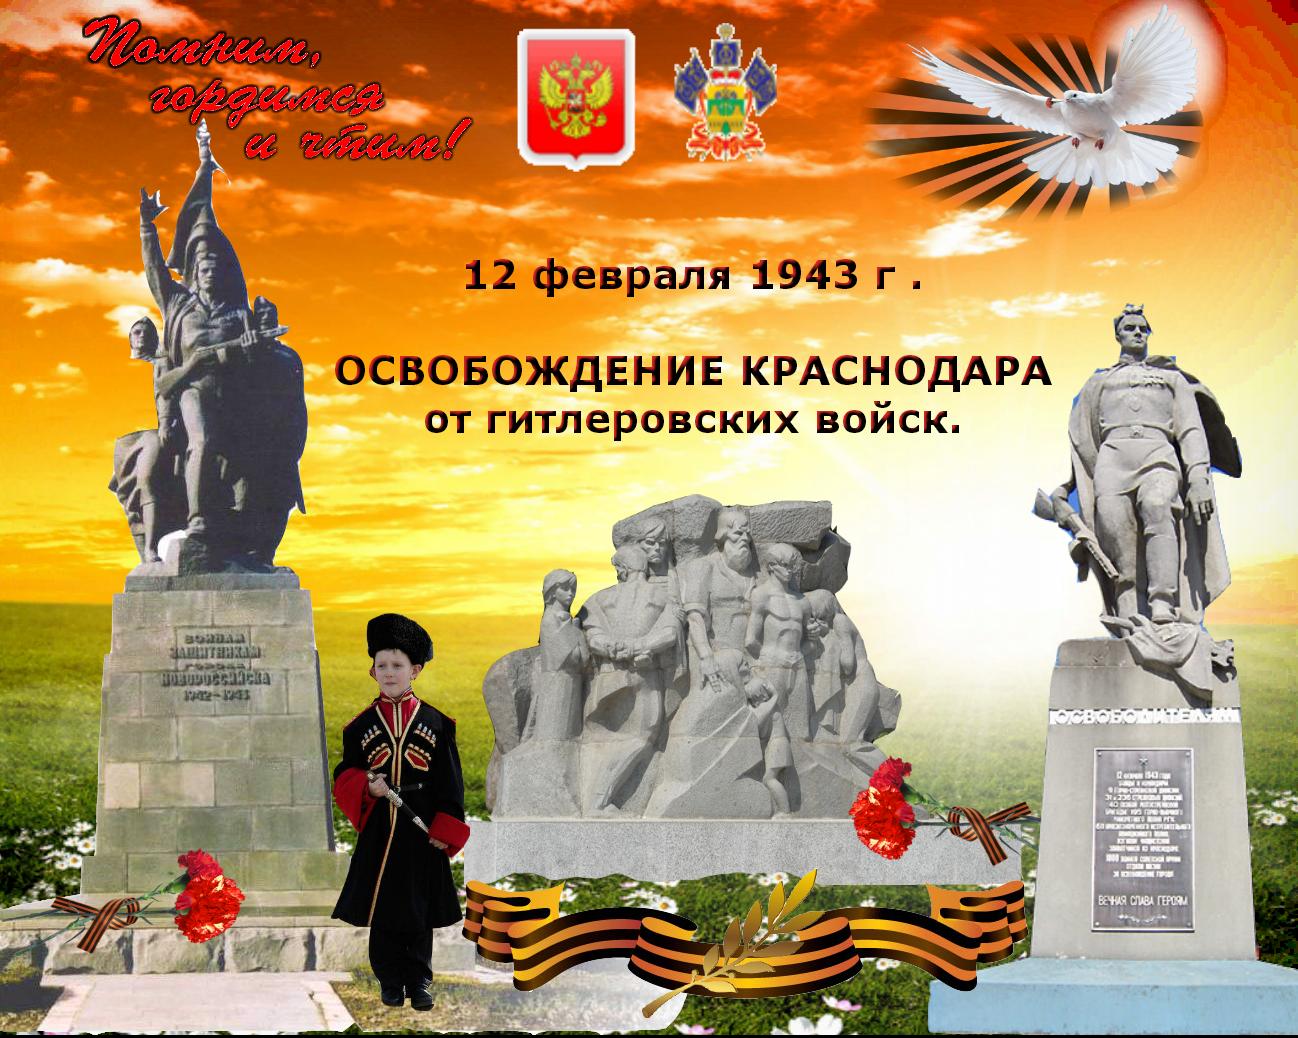 День освобождение краснодара картинки